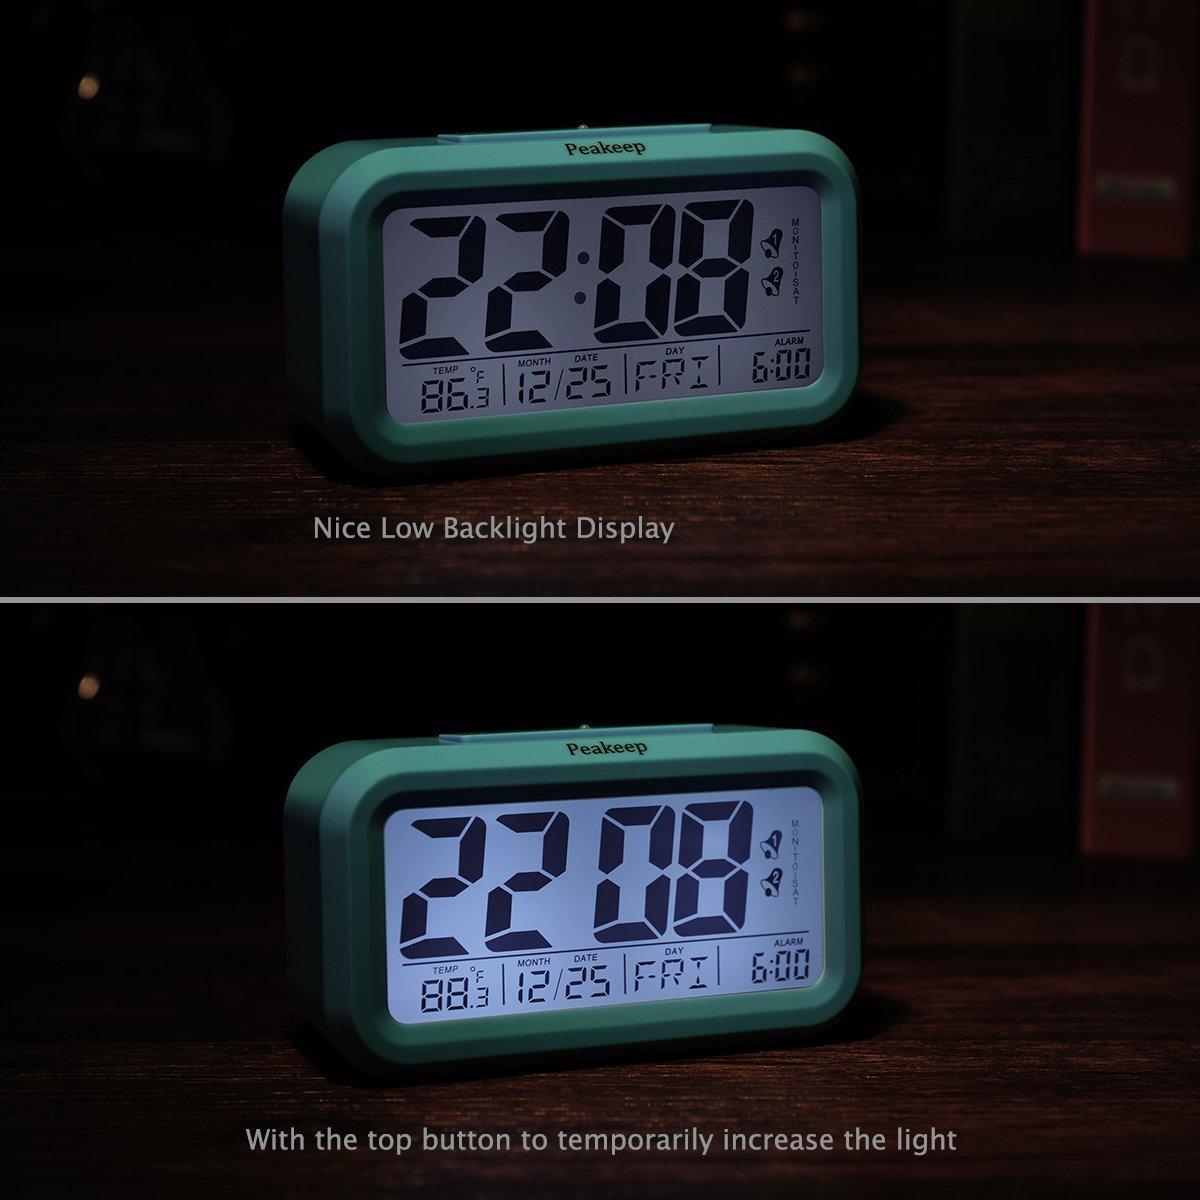 Despertador de reloj digital de Peakeep con 2 alarmas para modo opcional de semana, función de repetición, luz nocturna inteligente, funciona con batería ...